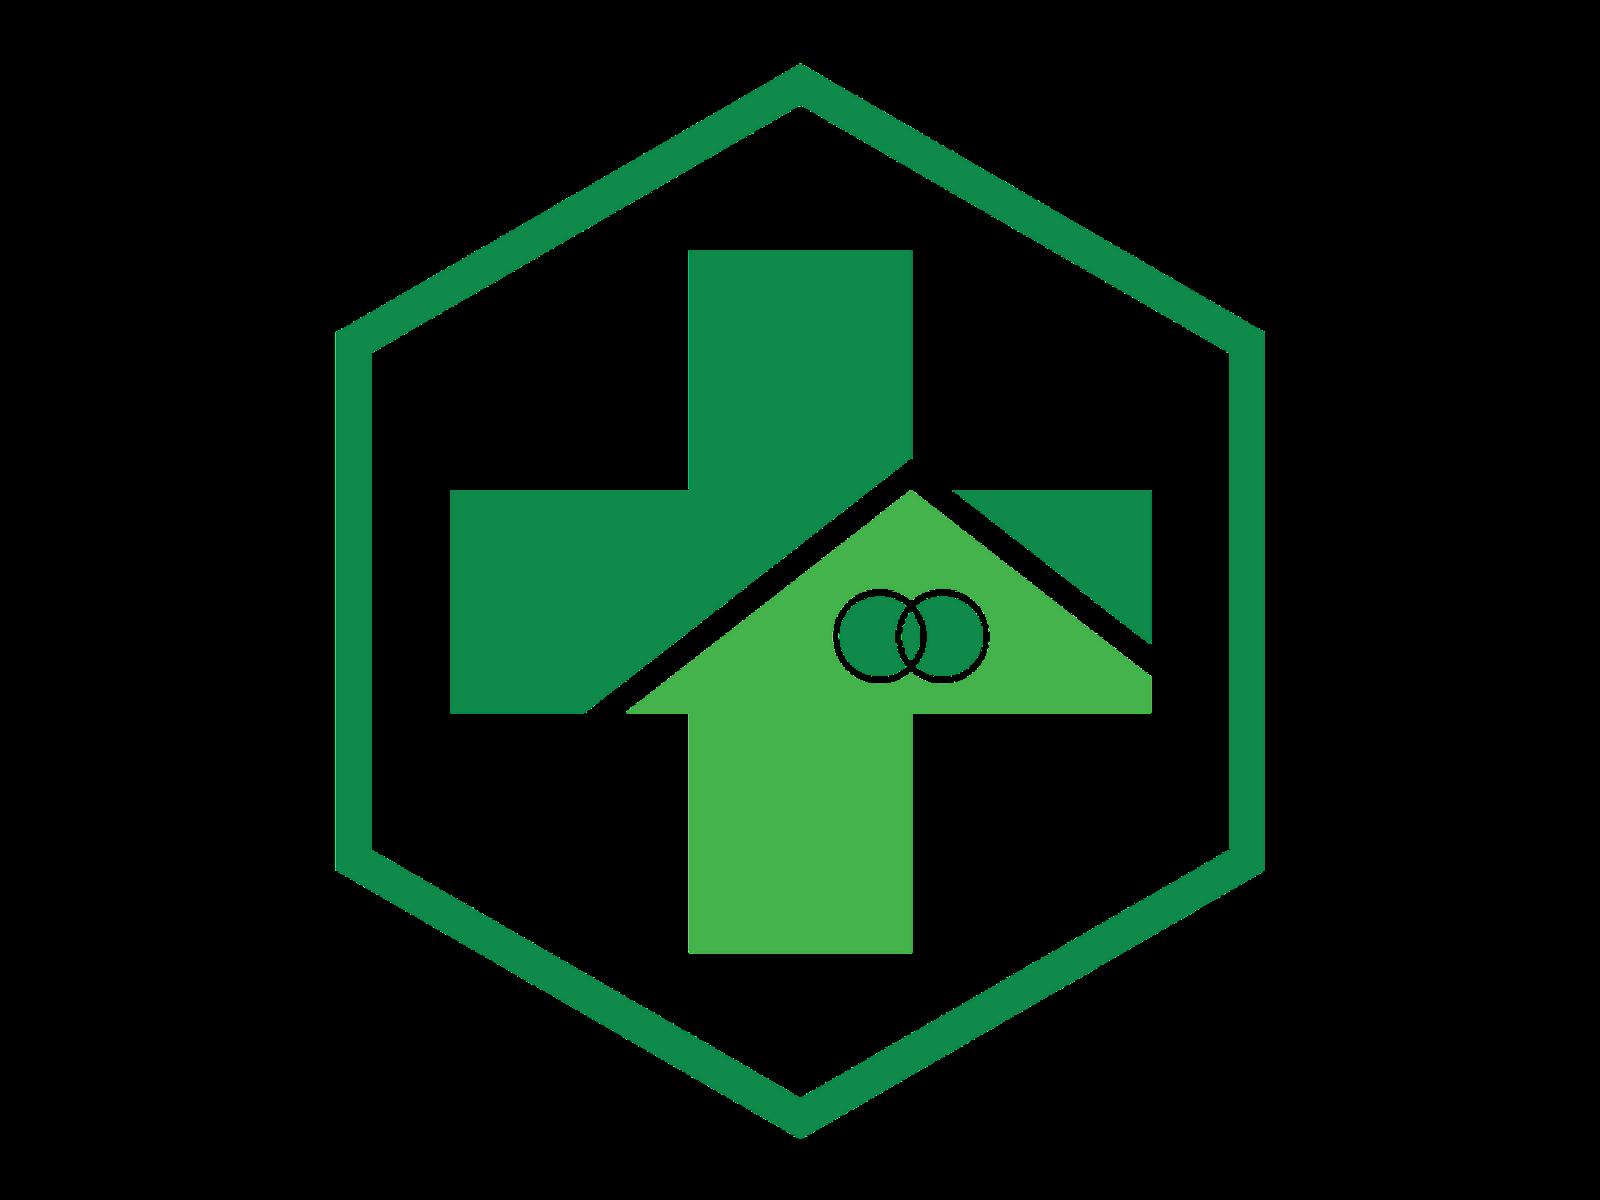 Logo Puskesmas Format PNG